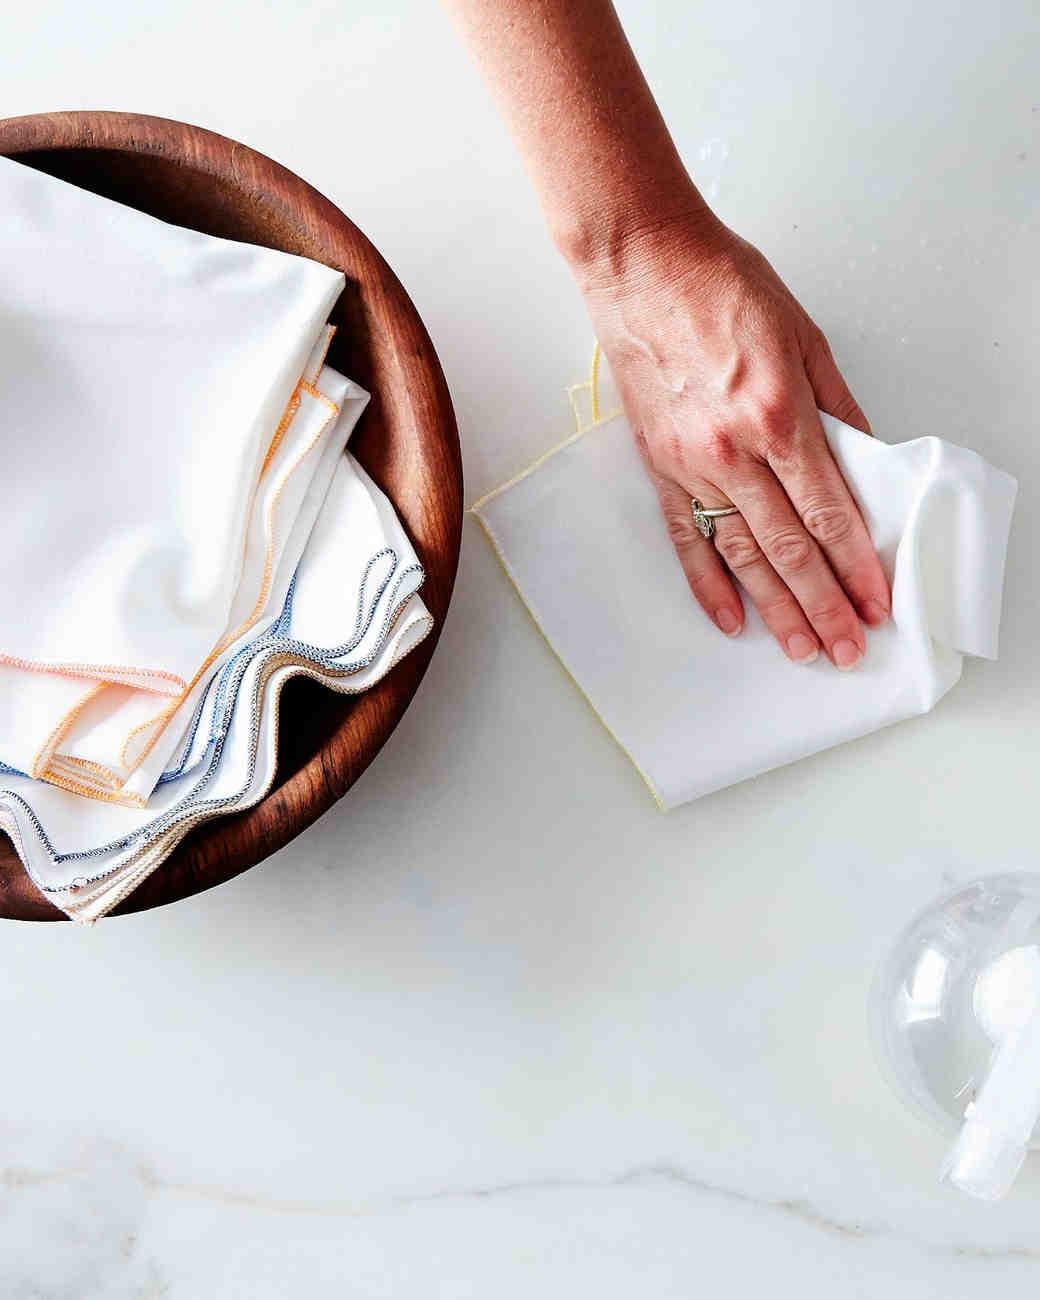 last-minute-gift-ideas-kitchen-towels-1215.jpg